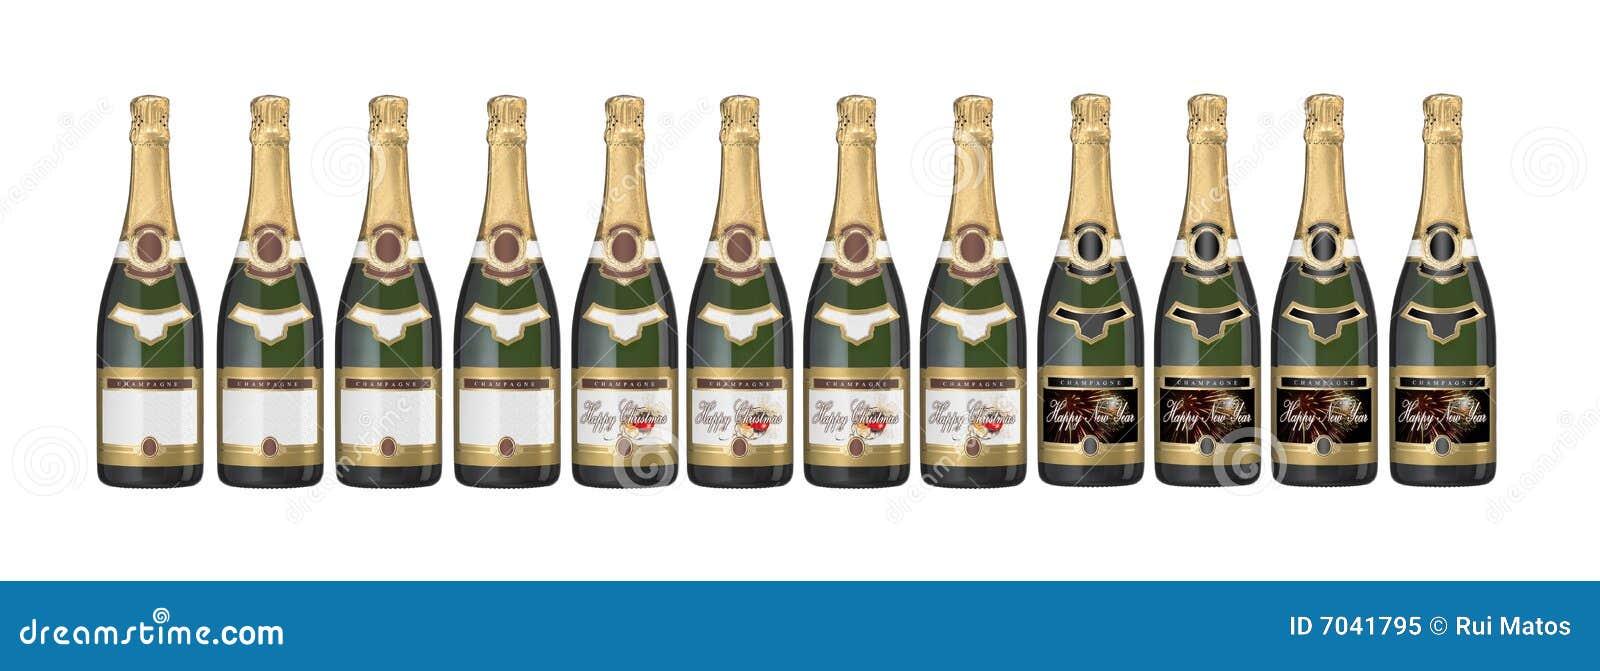 разливает шампанское по бутылкам